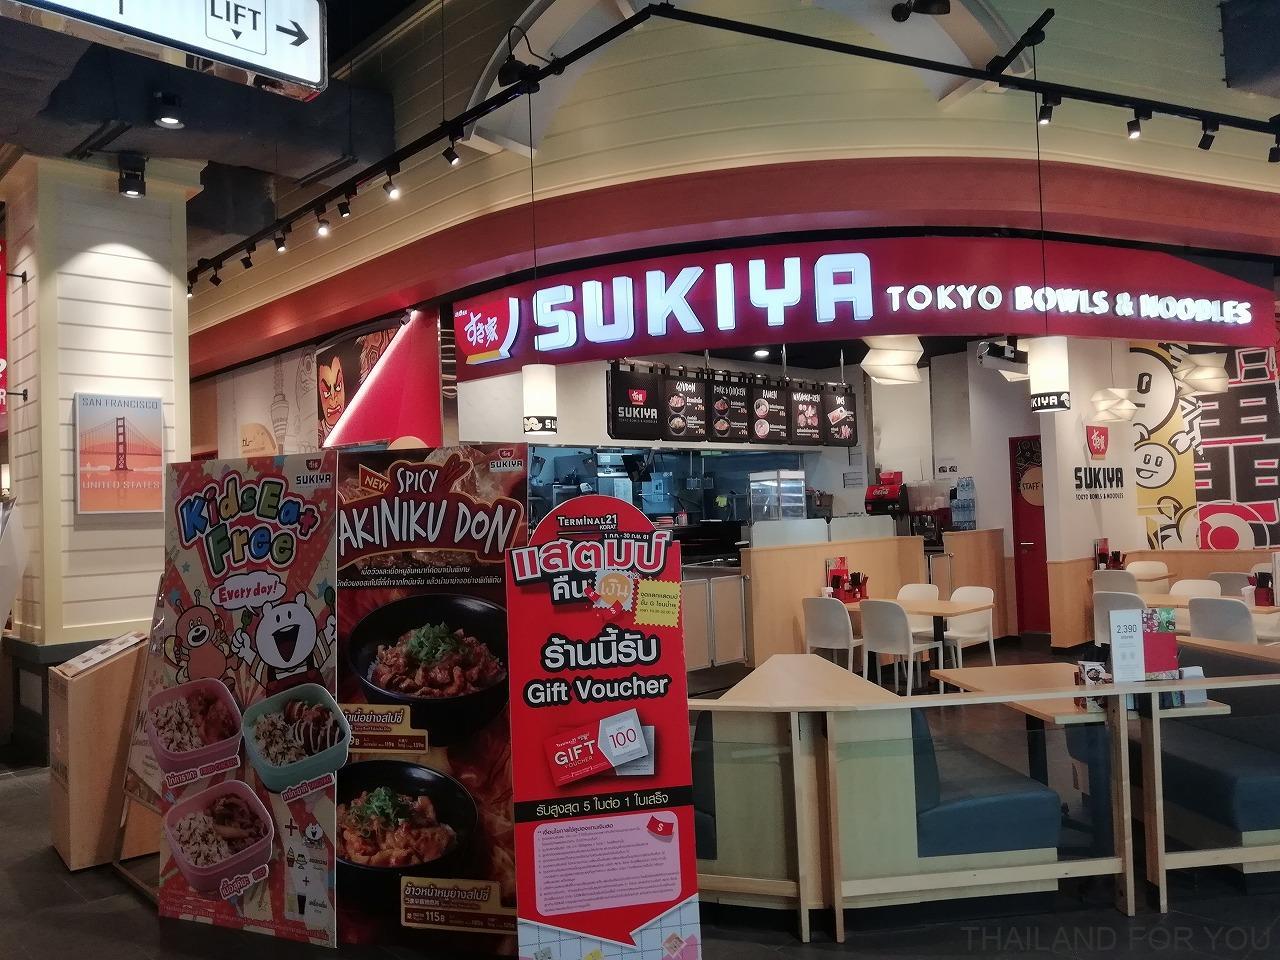 ターミナル21 コラート SUKIYA(すき家) 写真 画像